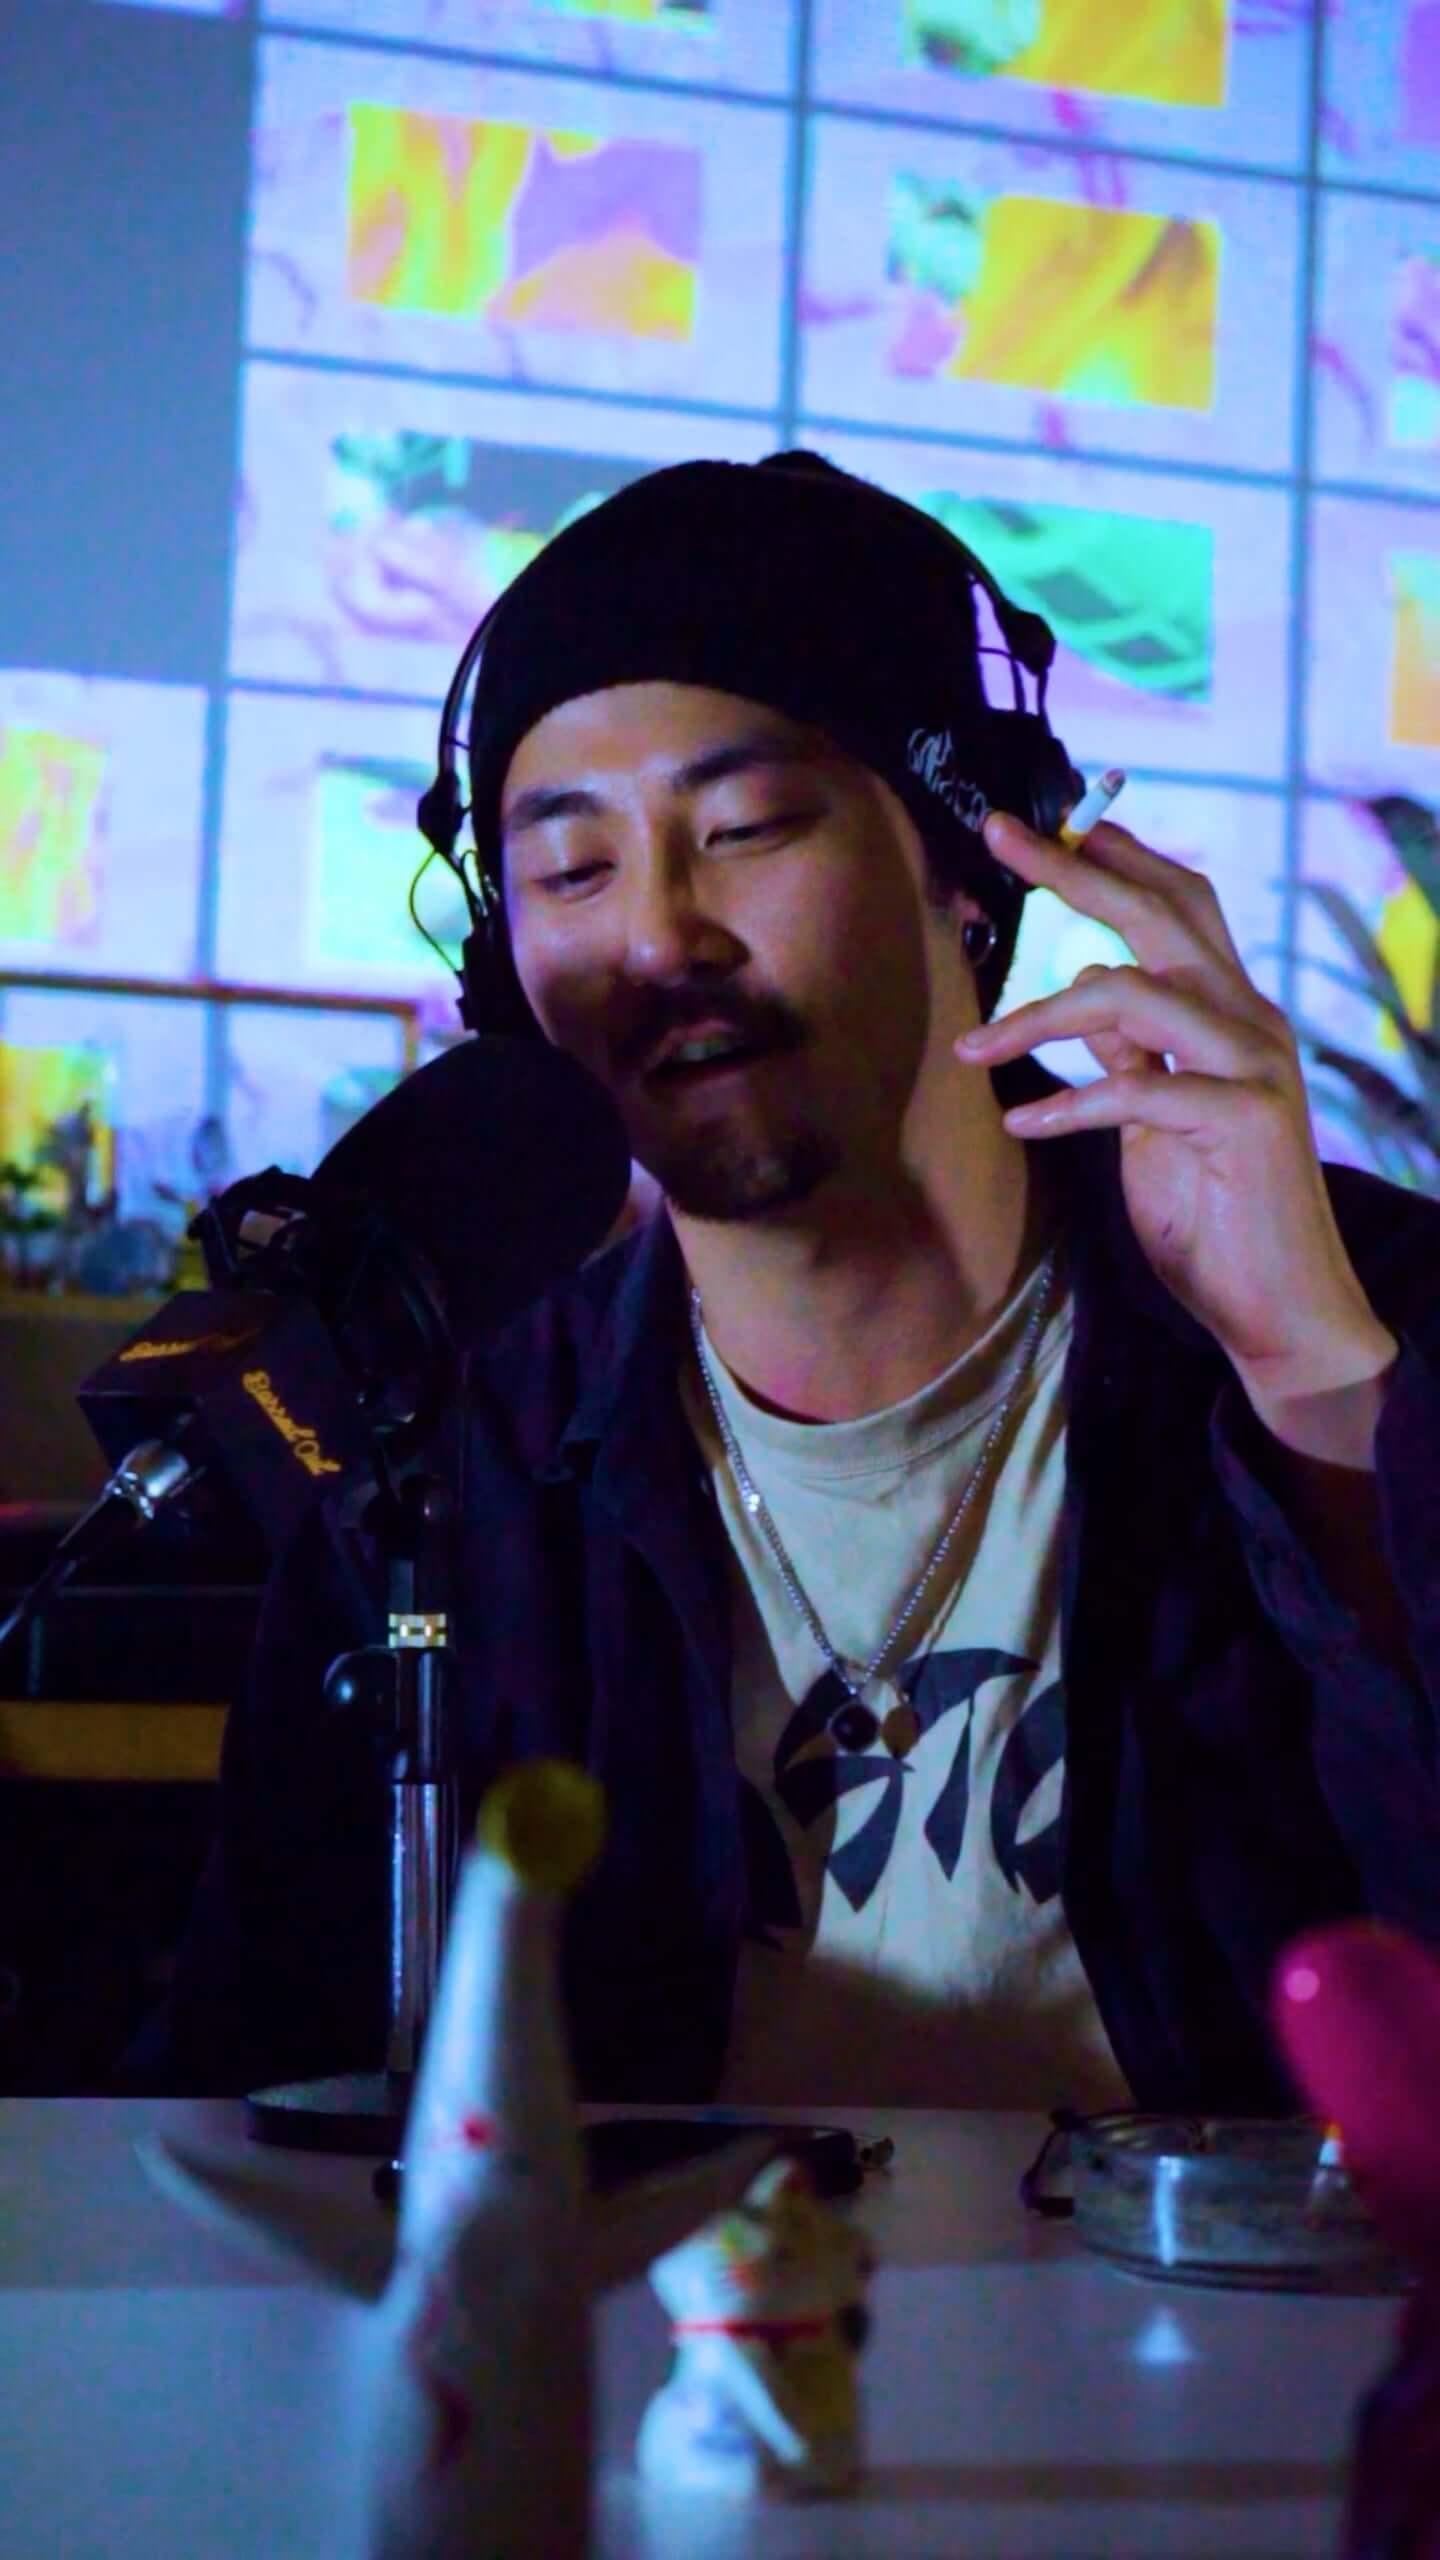 ミライがホストのYouTubeチャンネル「Barred Out Freestyle」がスタート|Zeebra、Jin Doggがゲストでフリースタイルを披露! music191217_barredout_06-1440x2560